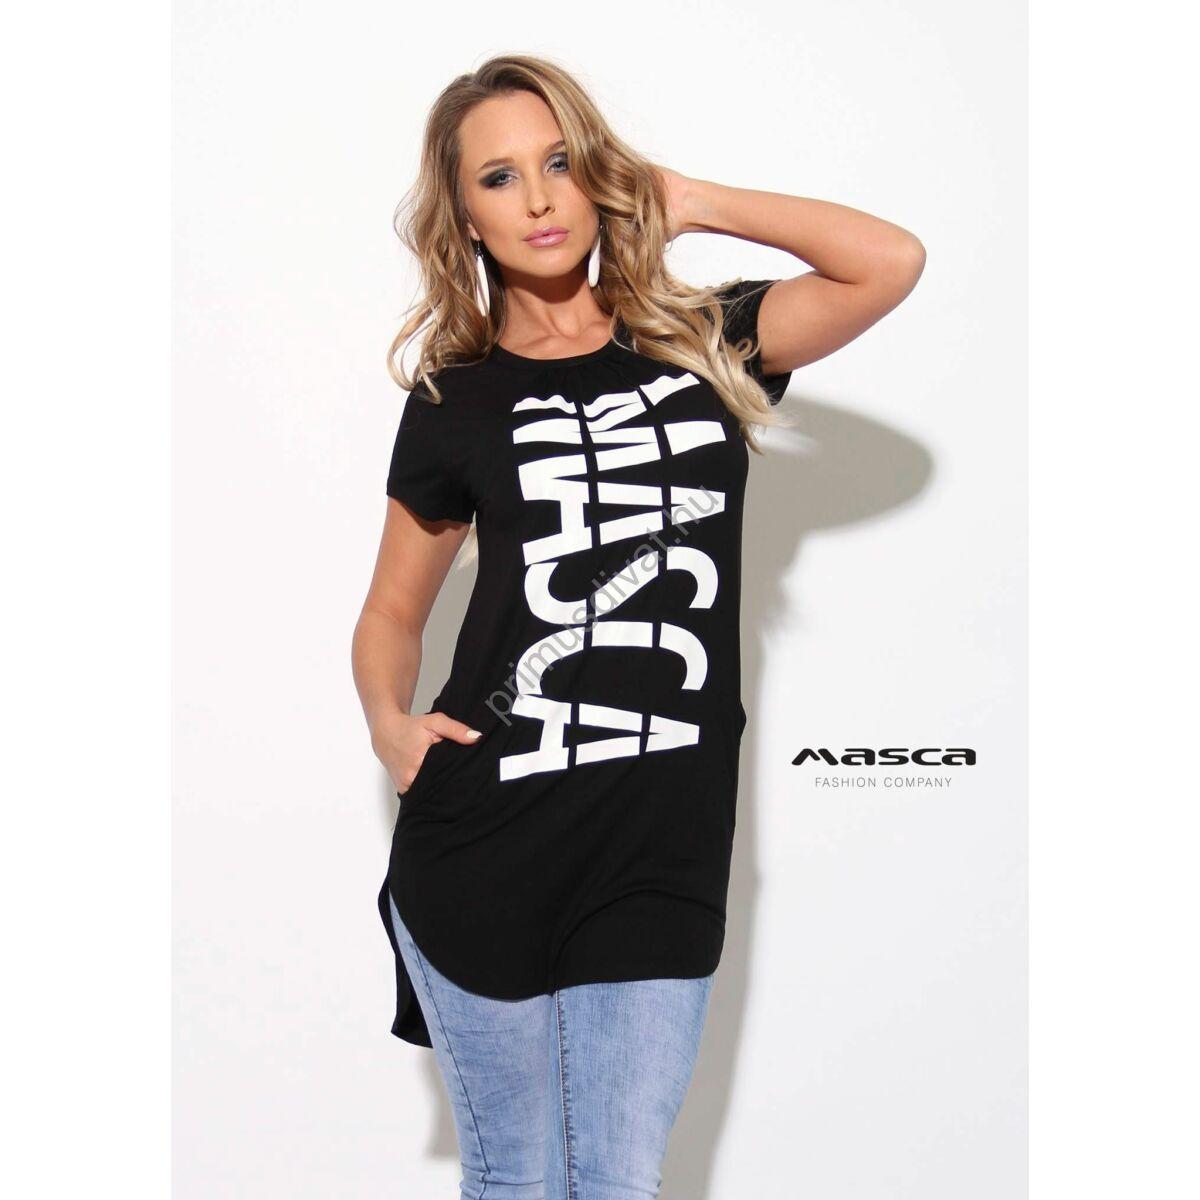 c5025fcca6 Kép 1/1 - Masca Fashion csípett nyakú, rövid ujjú fekete zsebes tunika,  alján íves szabással, elején nyomott fehér márkafelirattal